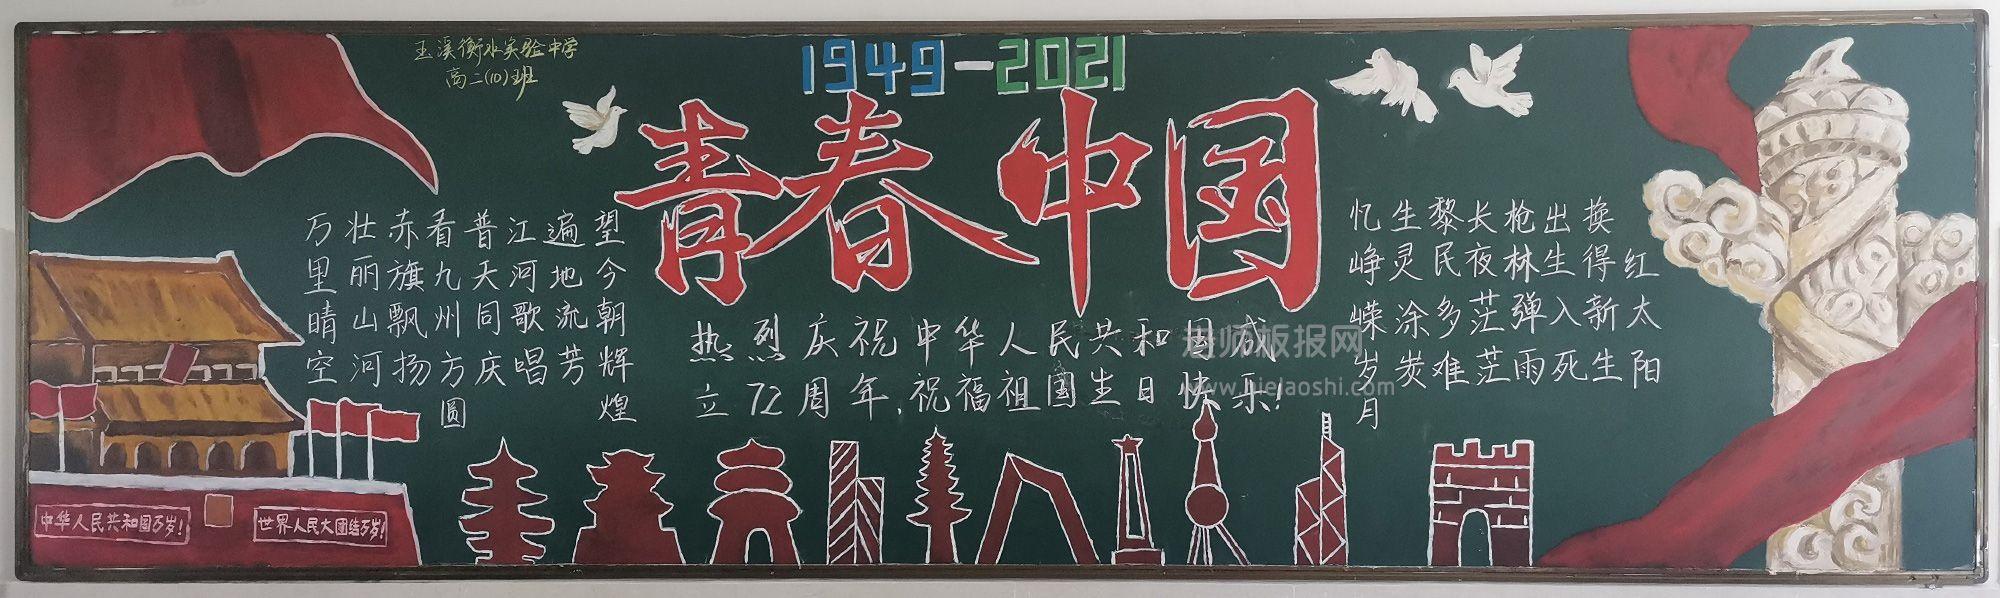 热烈庆祝中华人民共和国成立72周年黑板报图片 青春中国